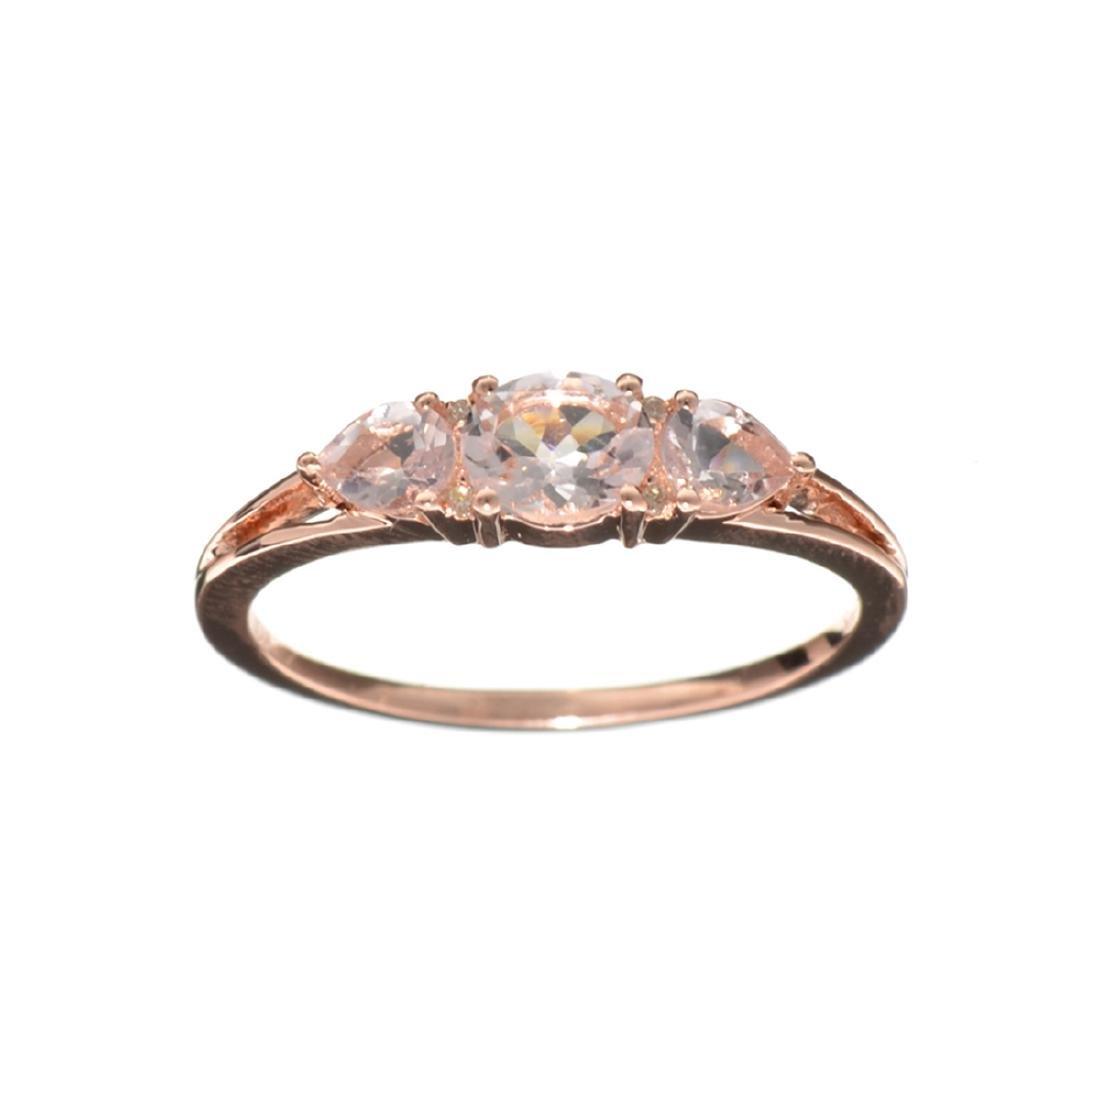 APP: 1k Fine Jewelry, Designer Sebastian 14KT Rose